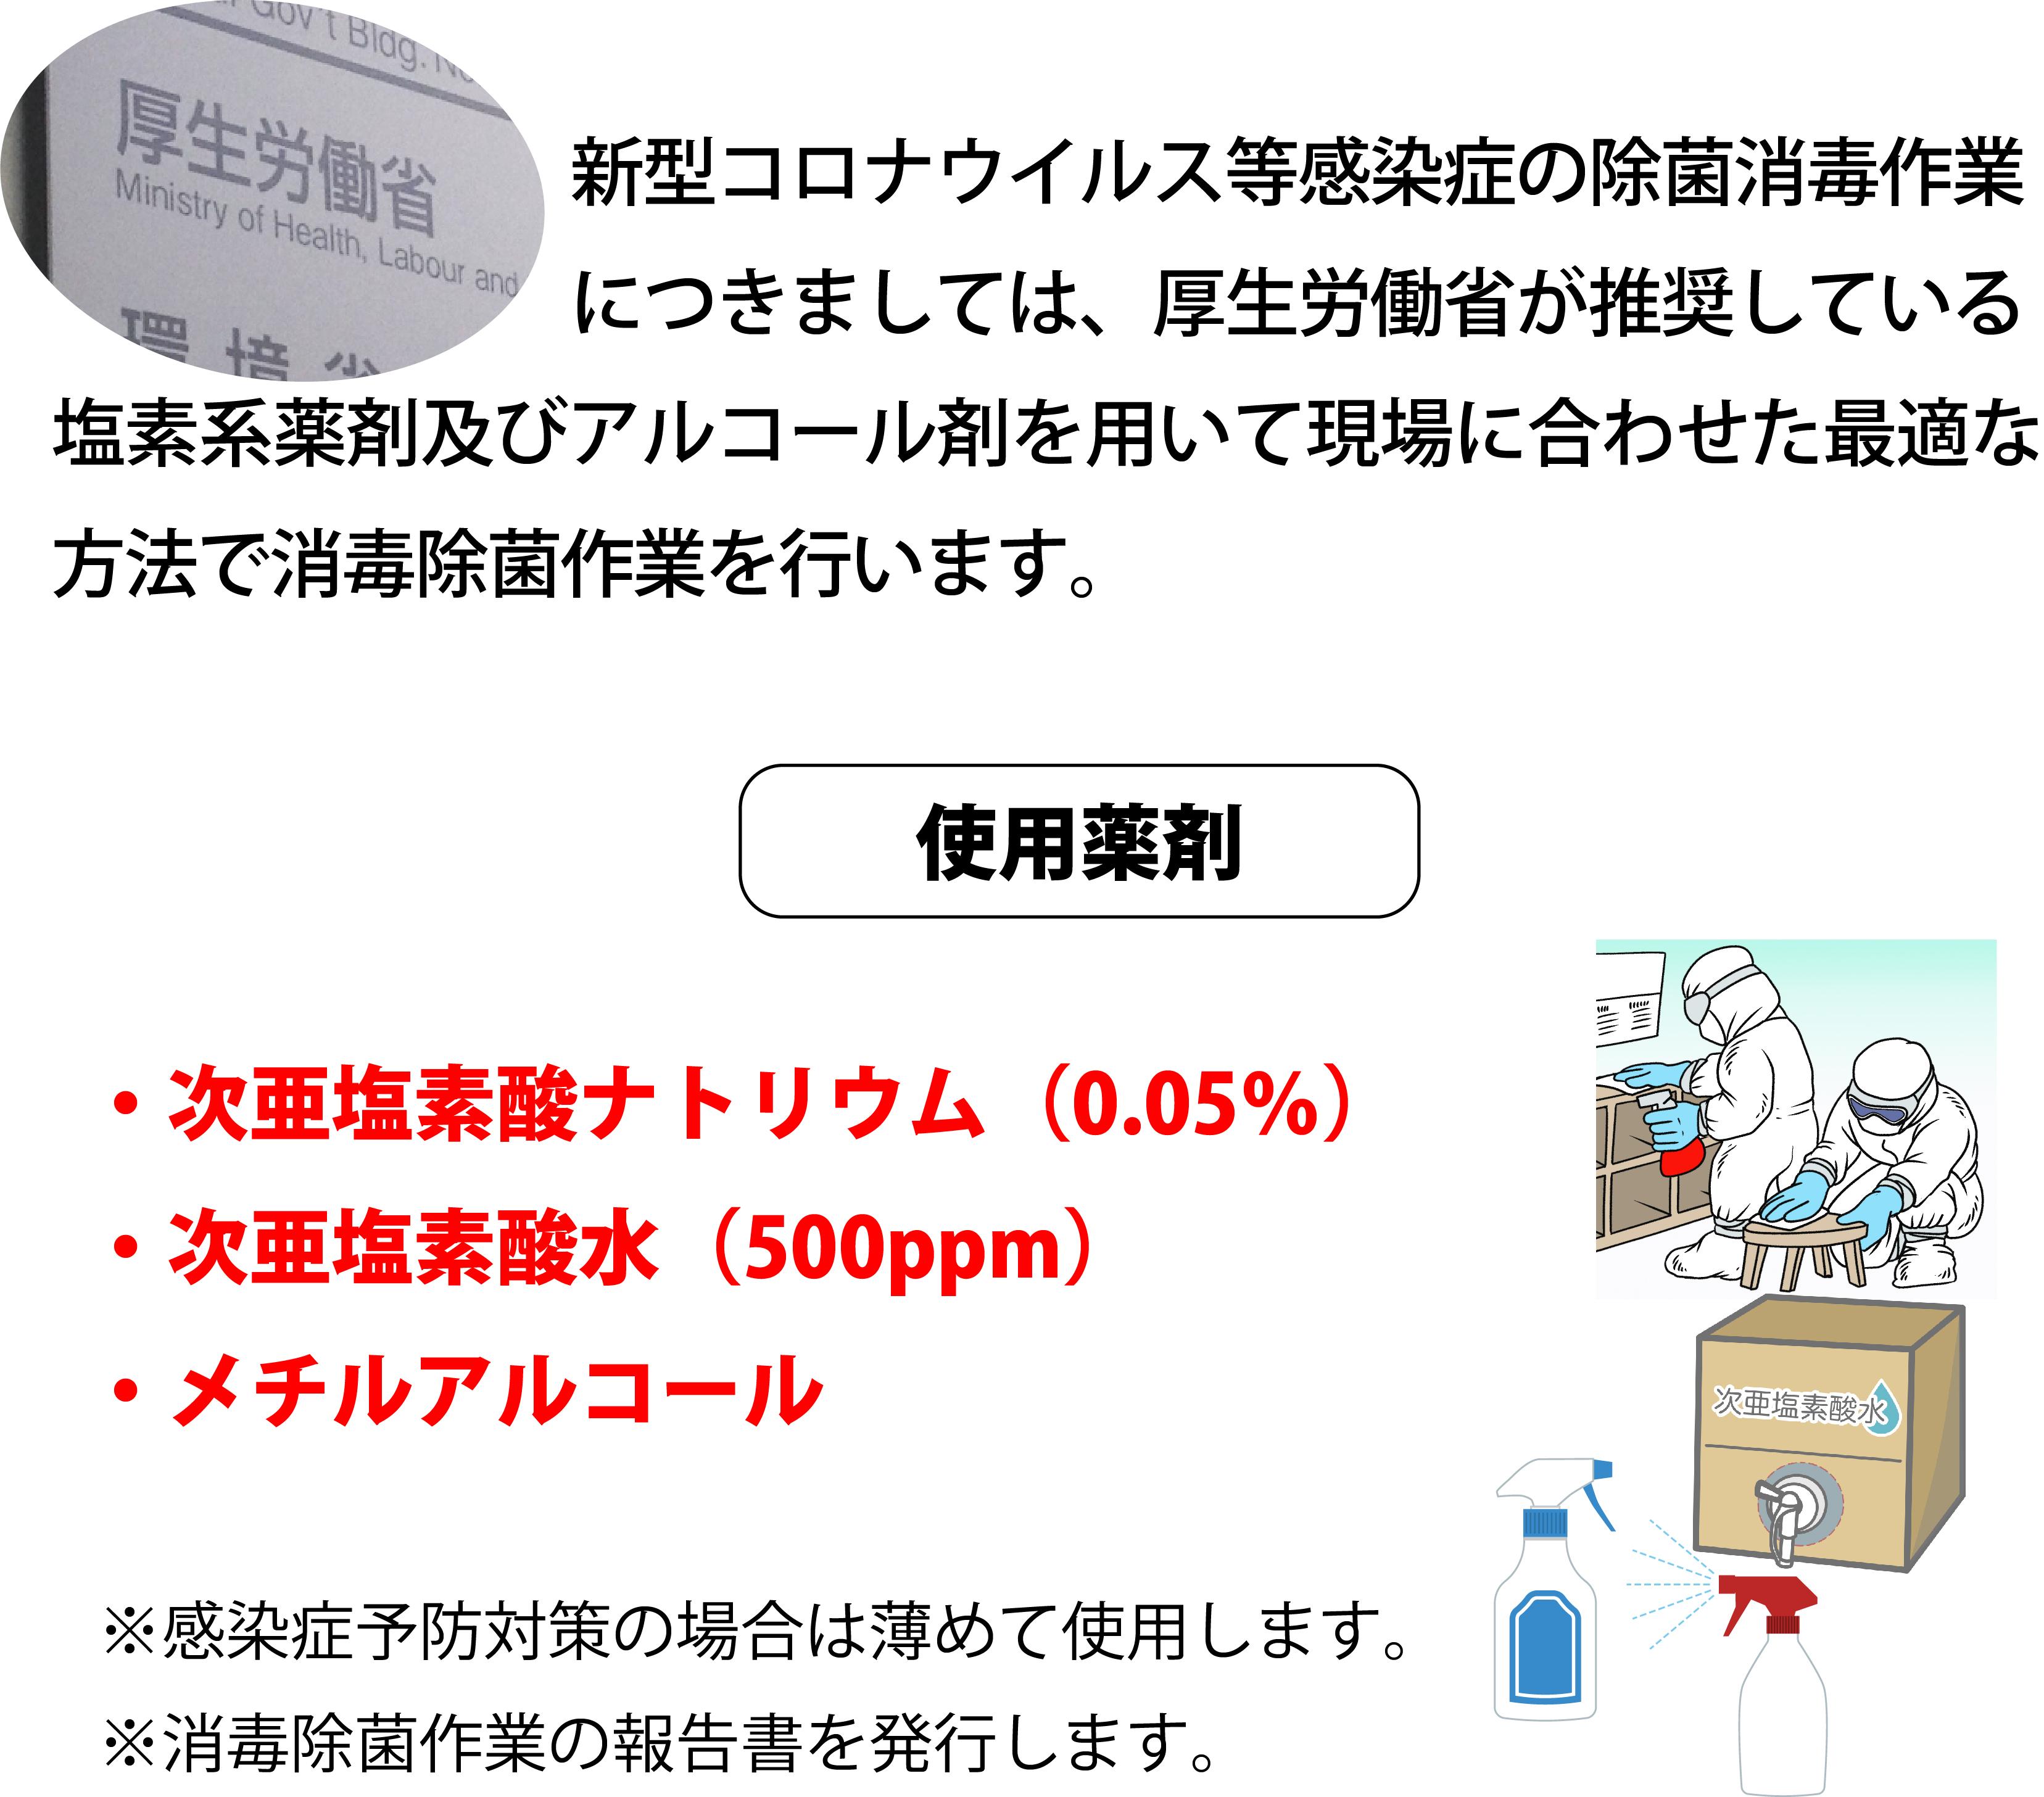 サービス内容紹介_2_201125